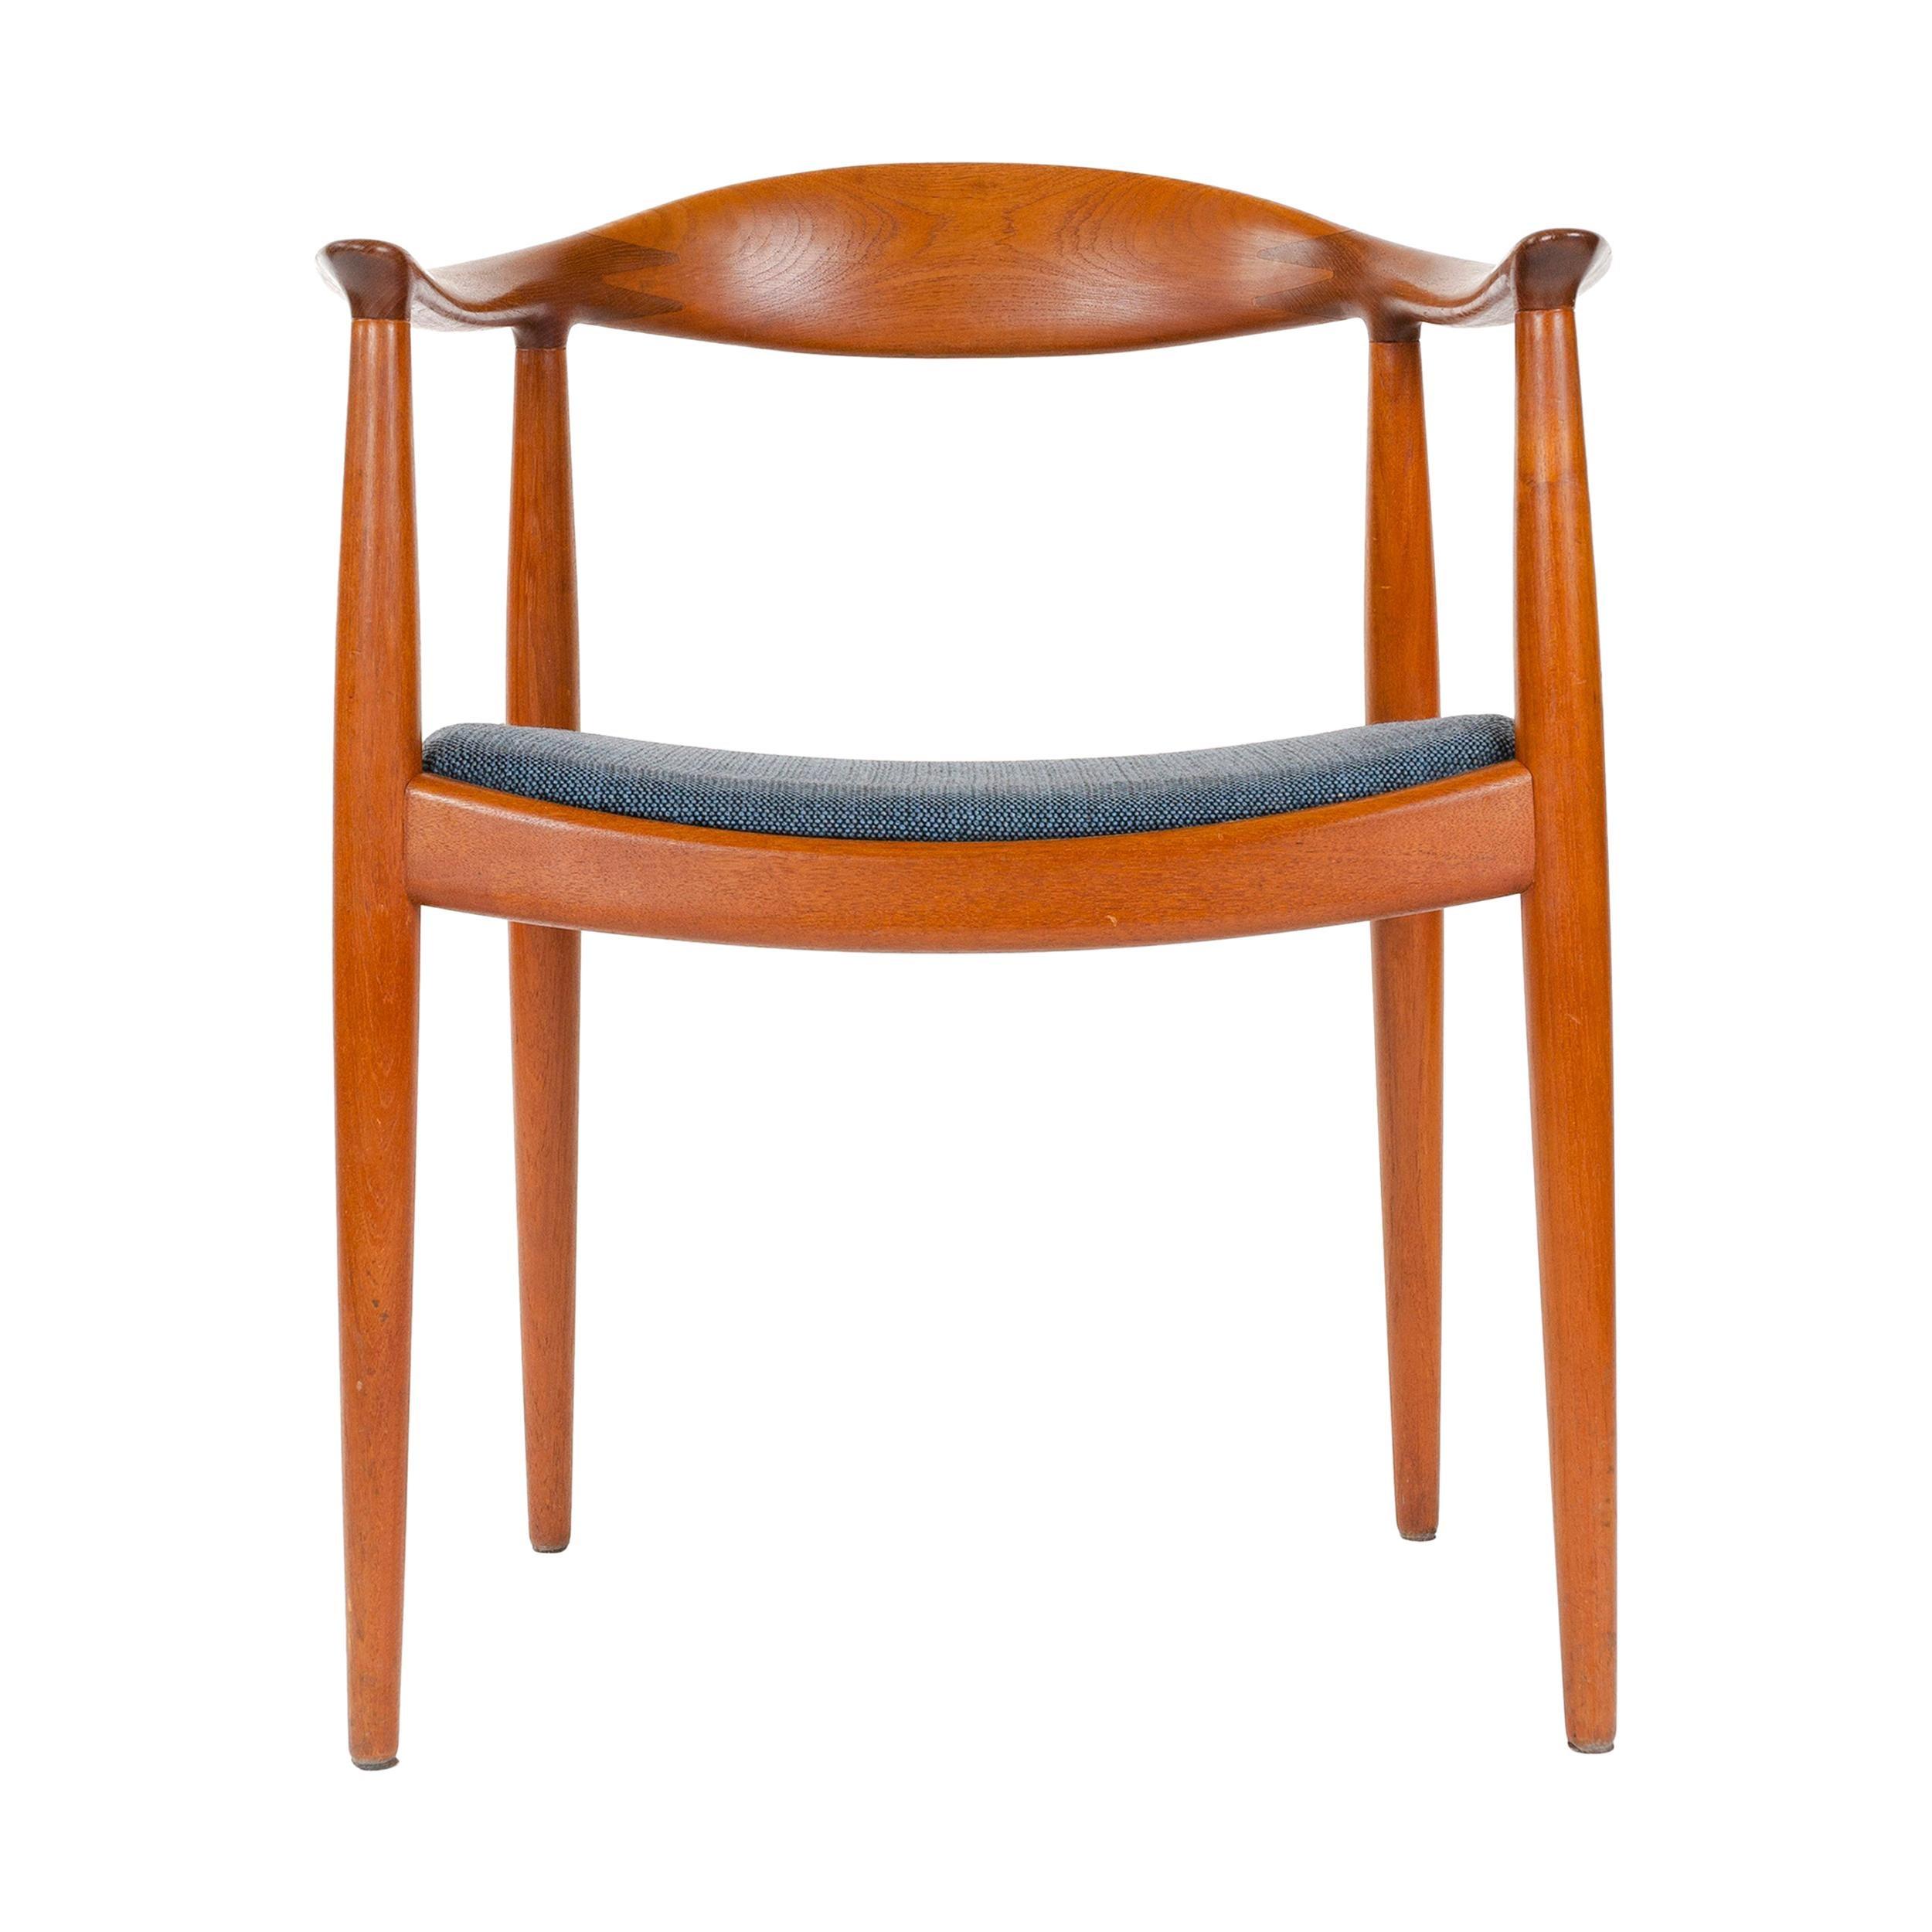 Teak Round Chair with Upholstered Seat by Hans J. Wegner for Johannes Hansen